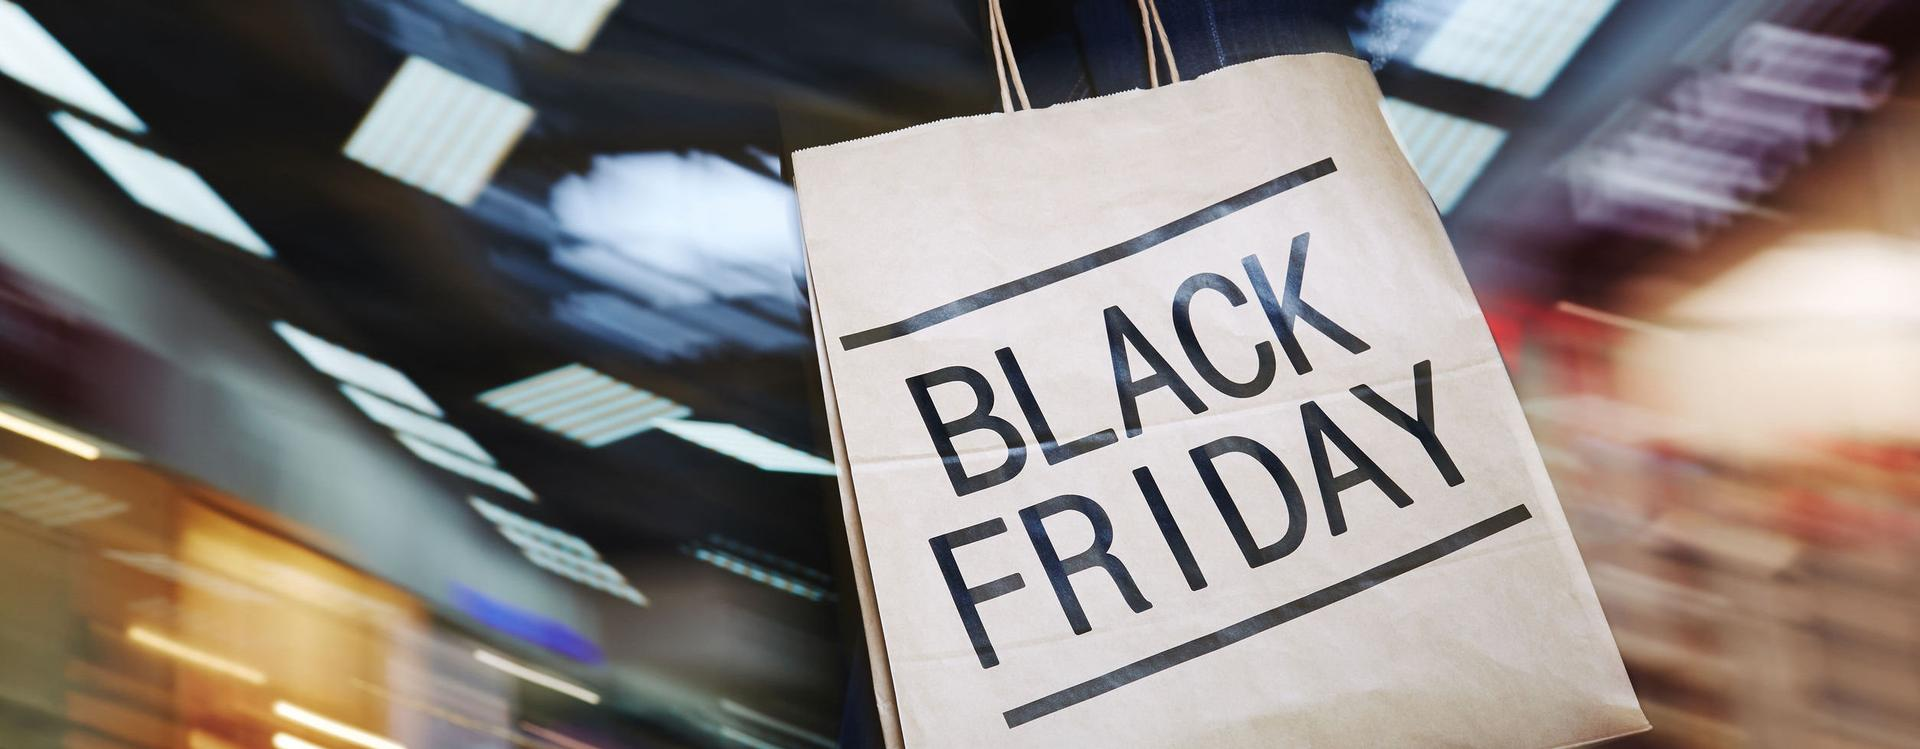 Black Friday - okazja czy naiwność?